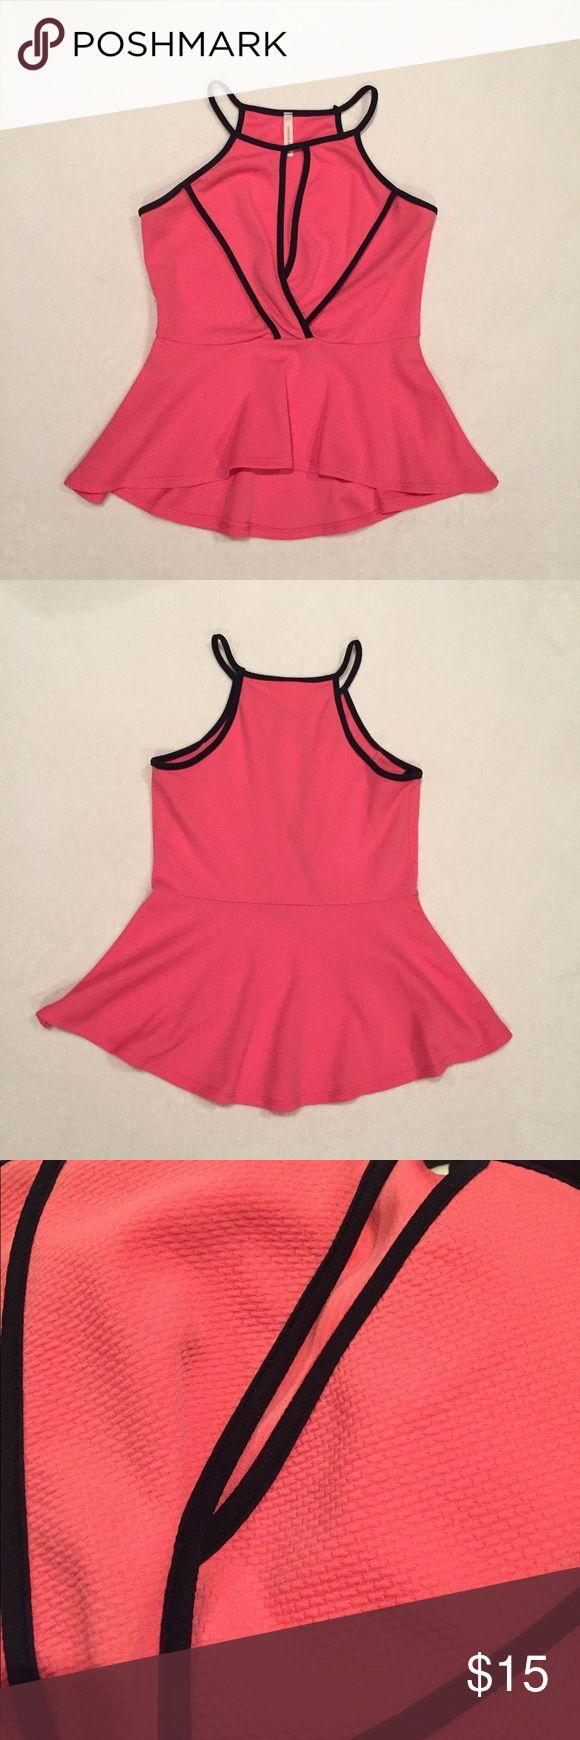 Pink Peplum Top Pink Peplum Top. Unlined, in great condition. Tops